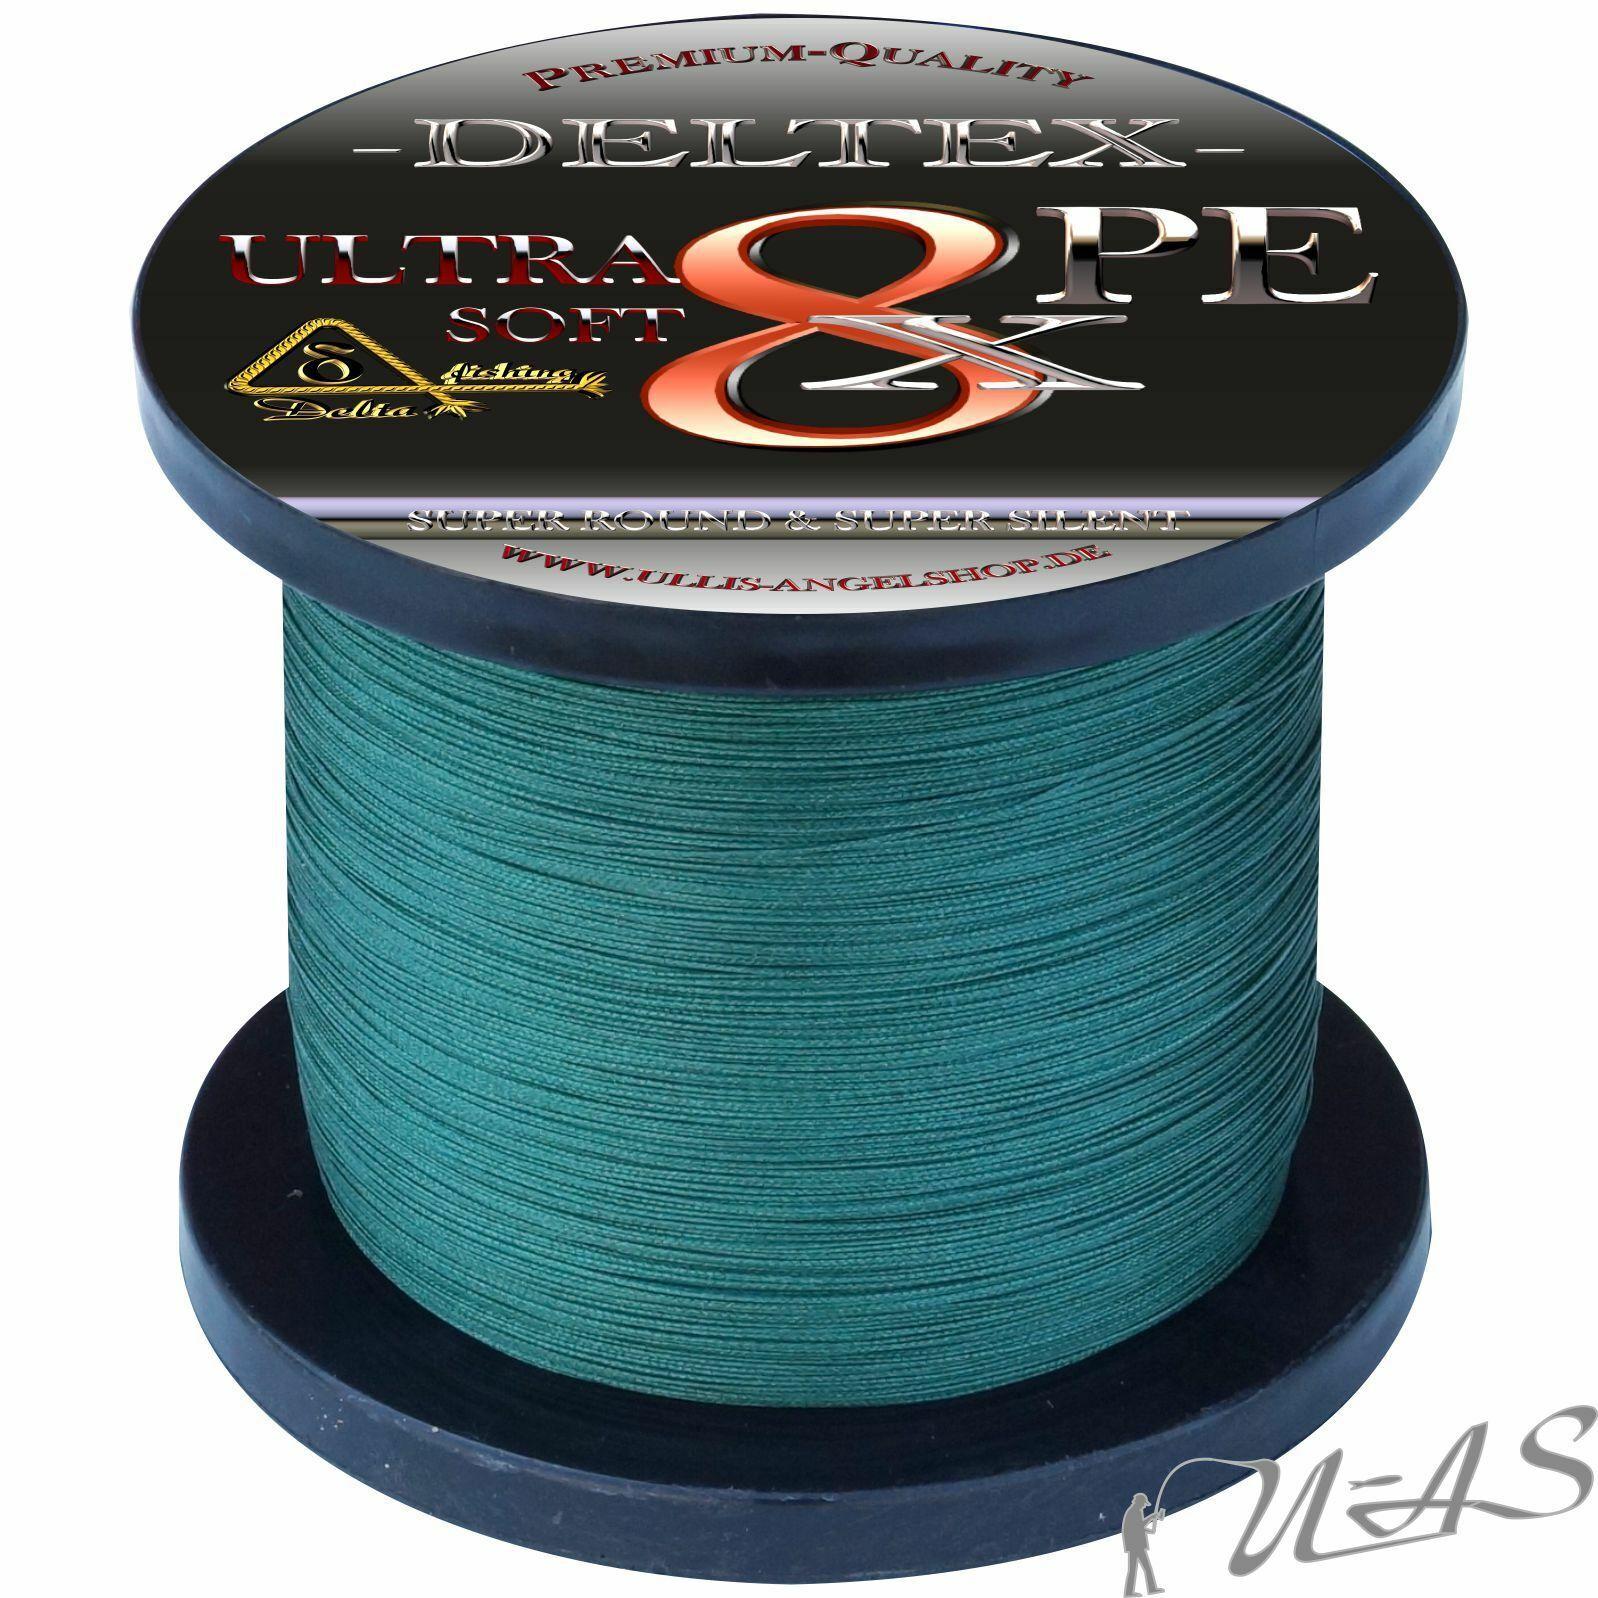 Deltex Ultra Soft verde 0,15mm 8.90kg 1000m 8 volte intrecciato lenza KVA